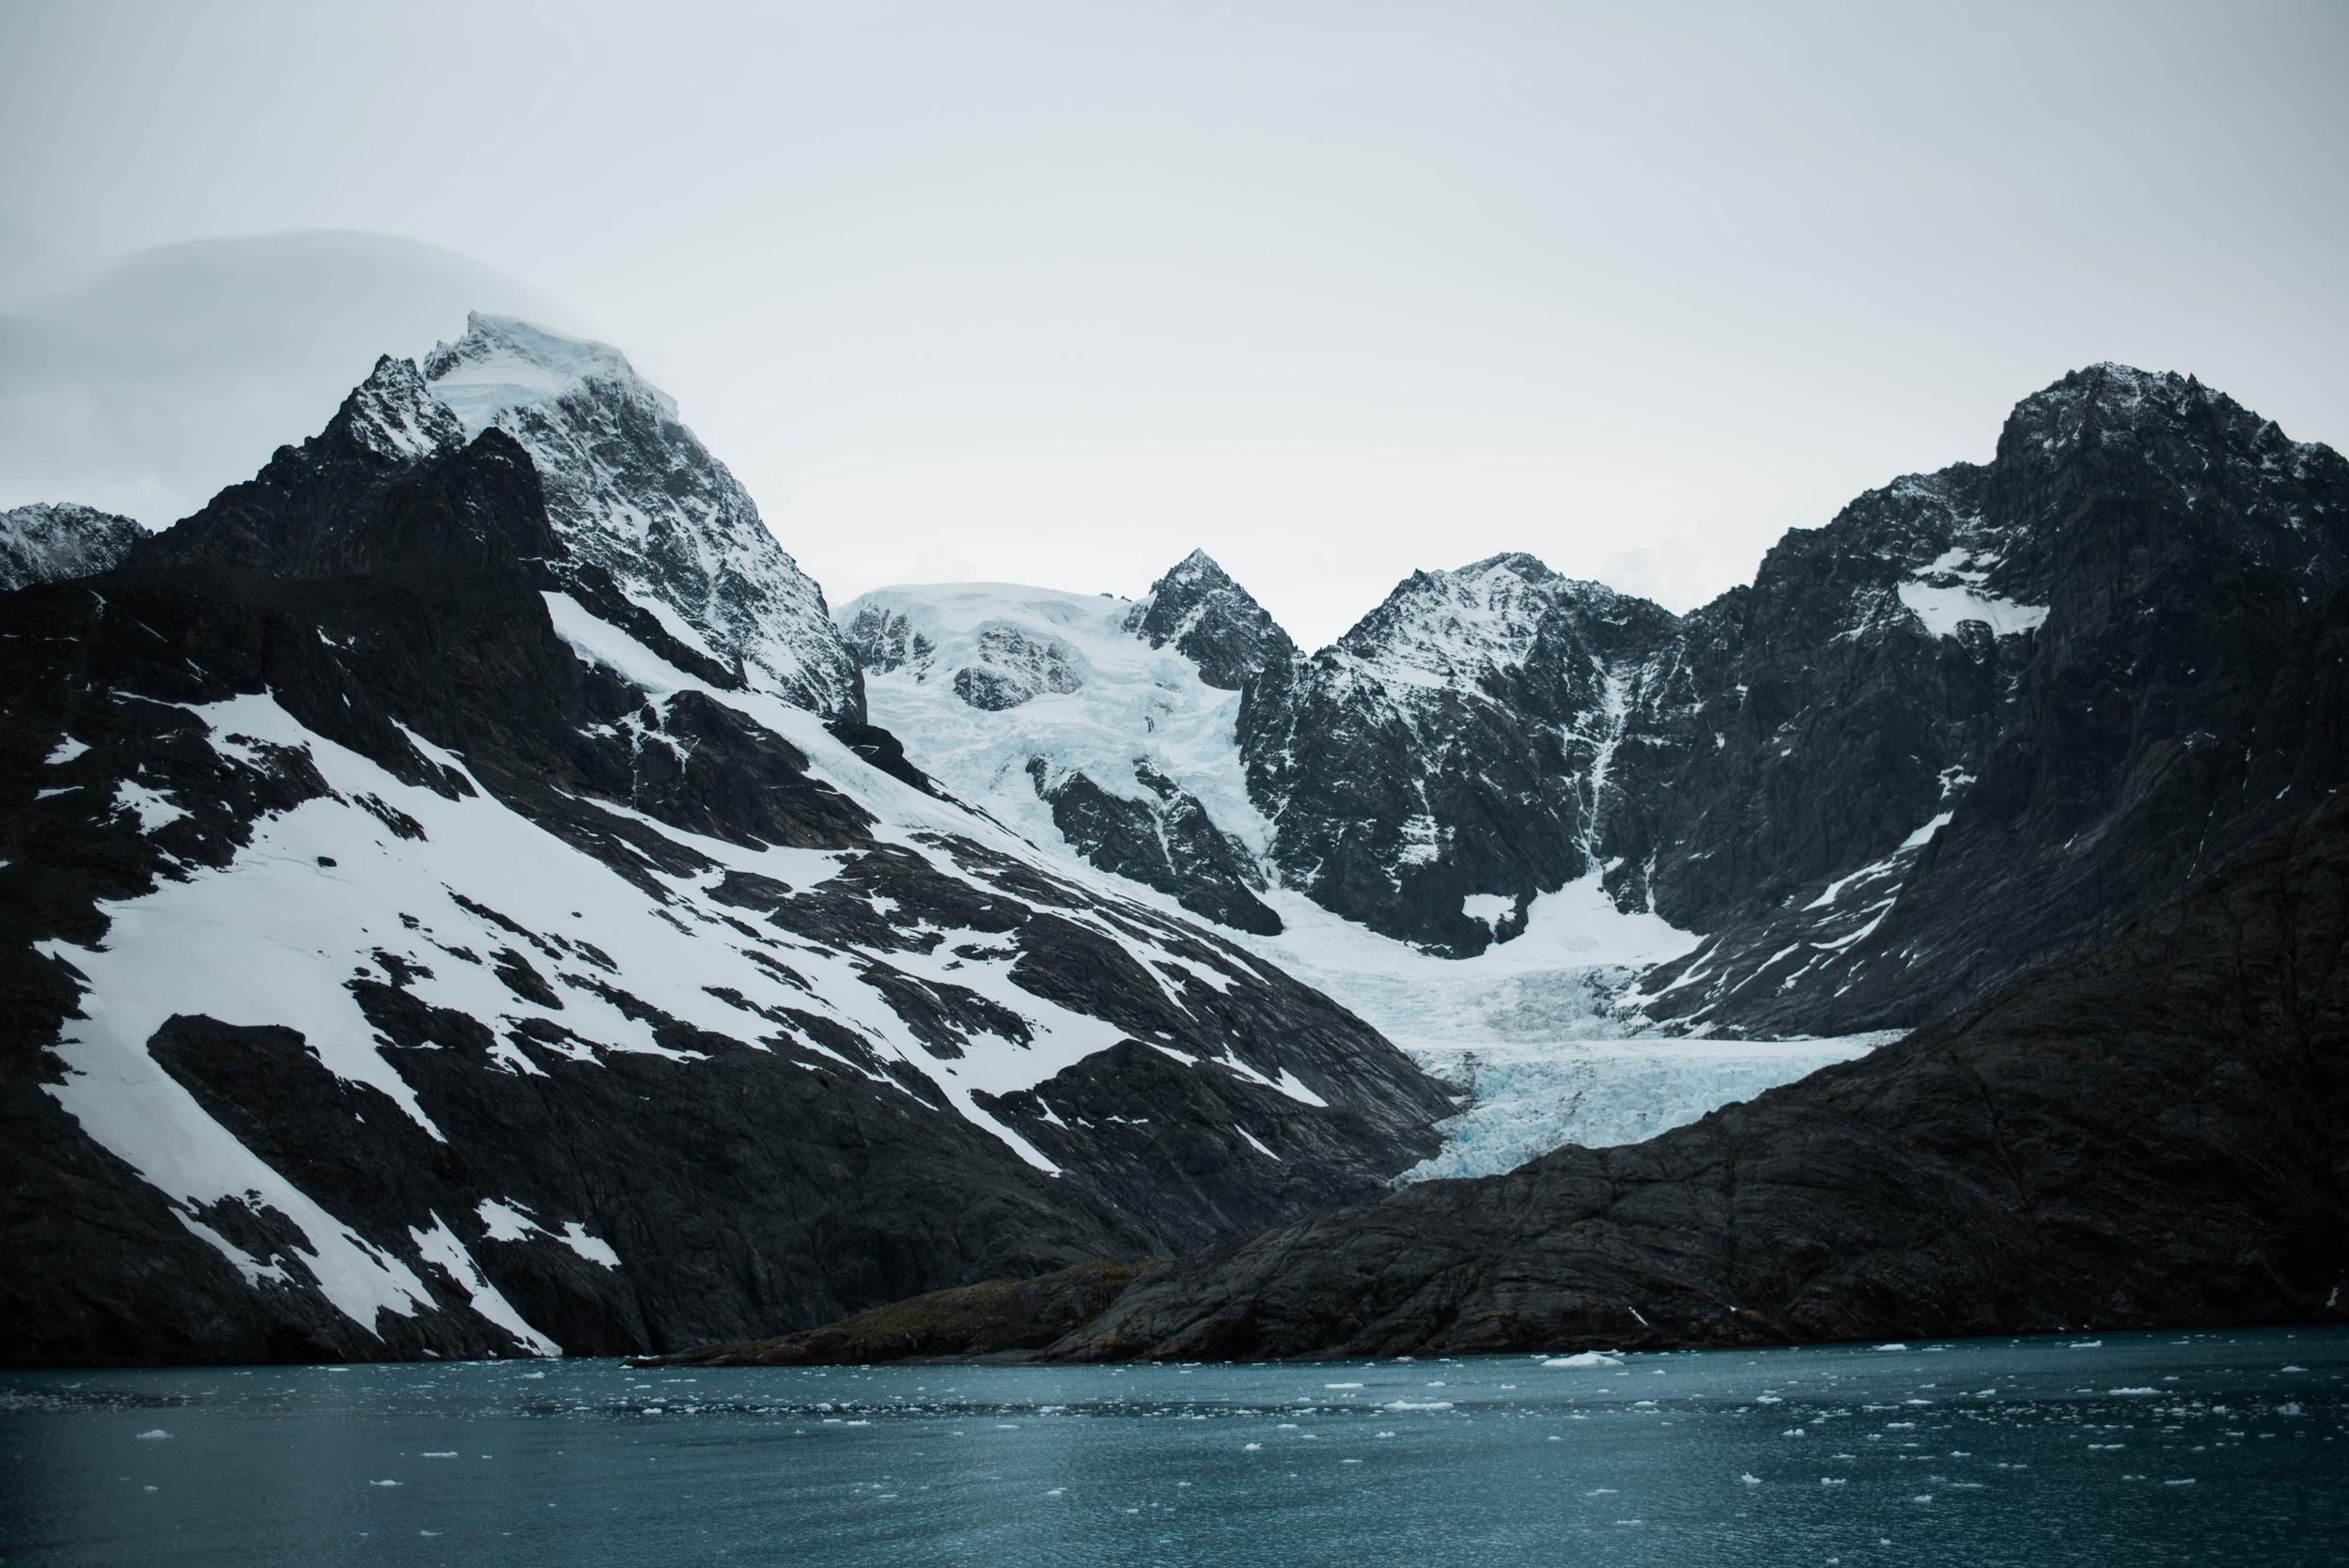 in Drygalski Fjord